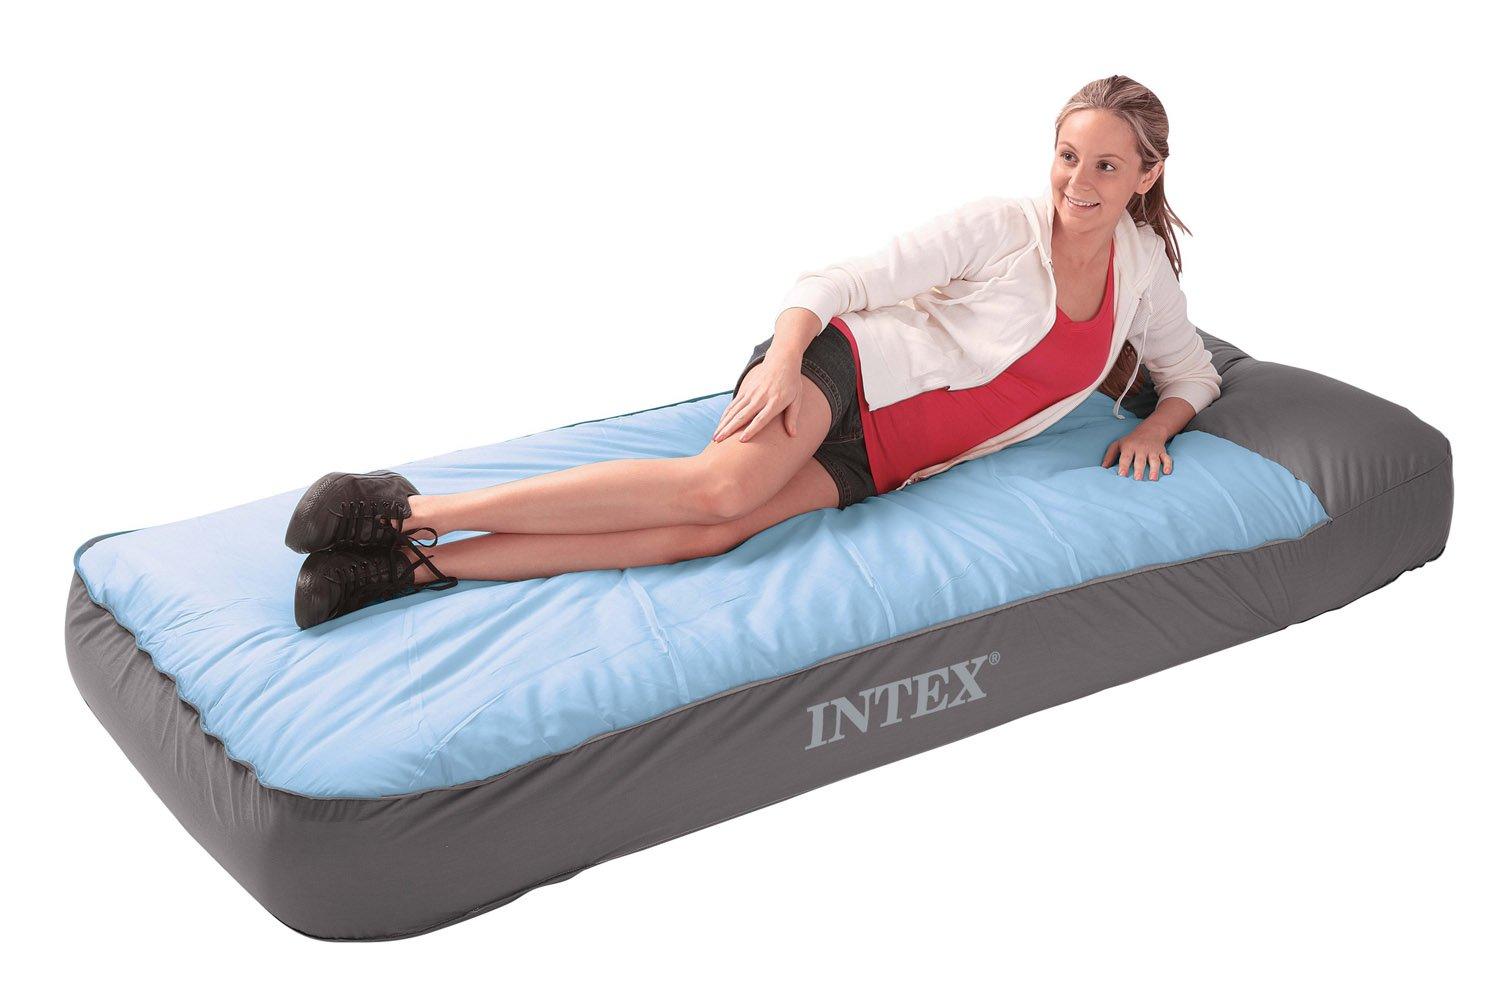 Intex Luftbett Sleeping Bag